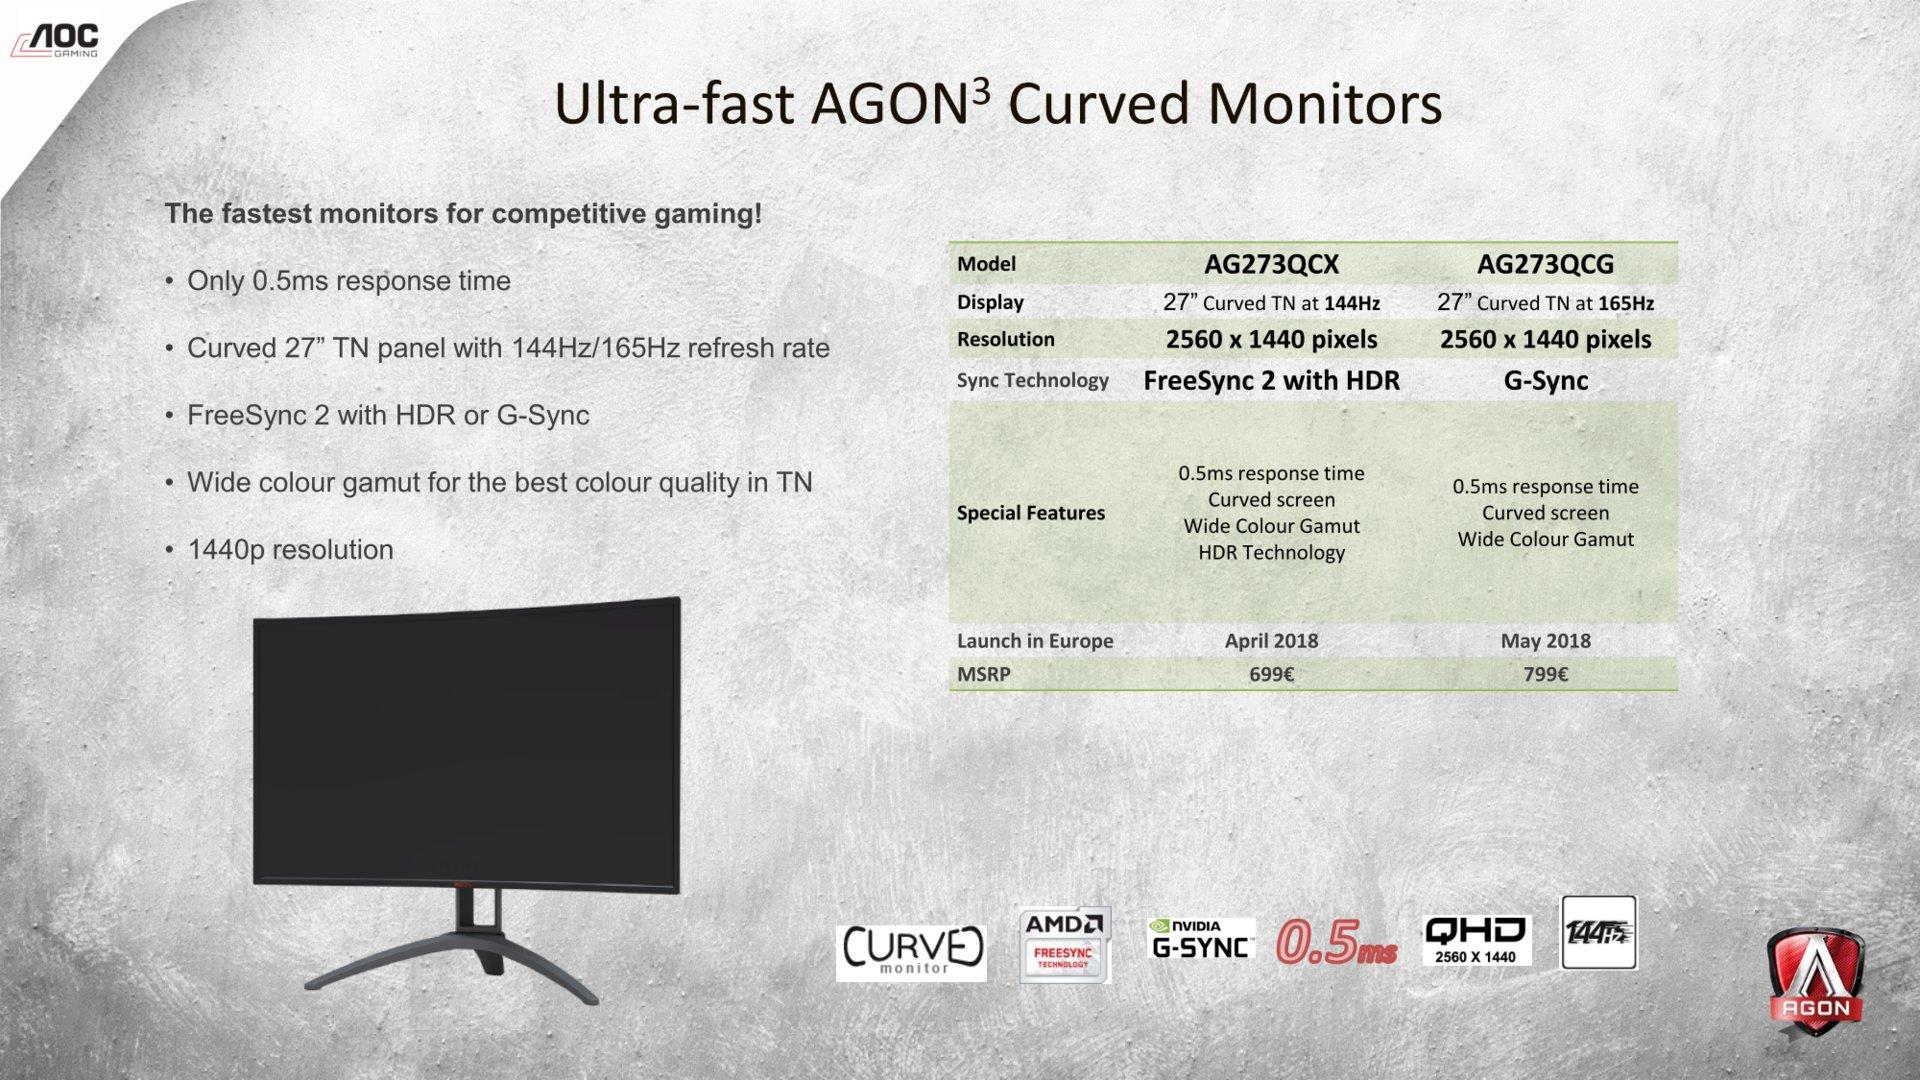 Agon 3: AG273QCX und AG273QCG